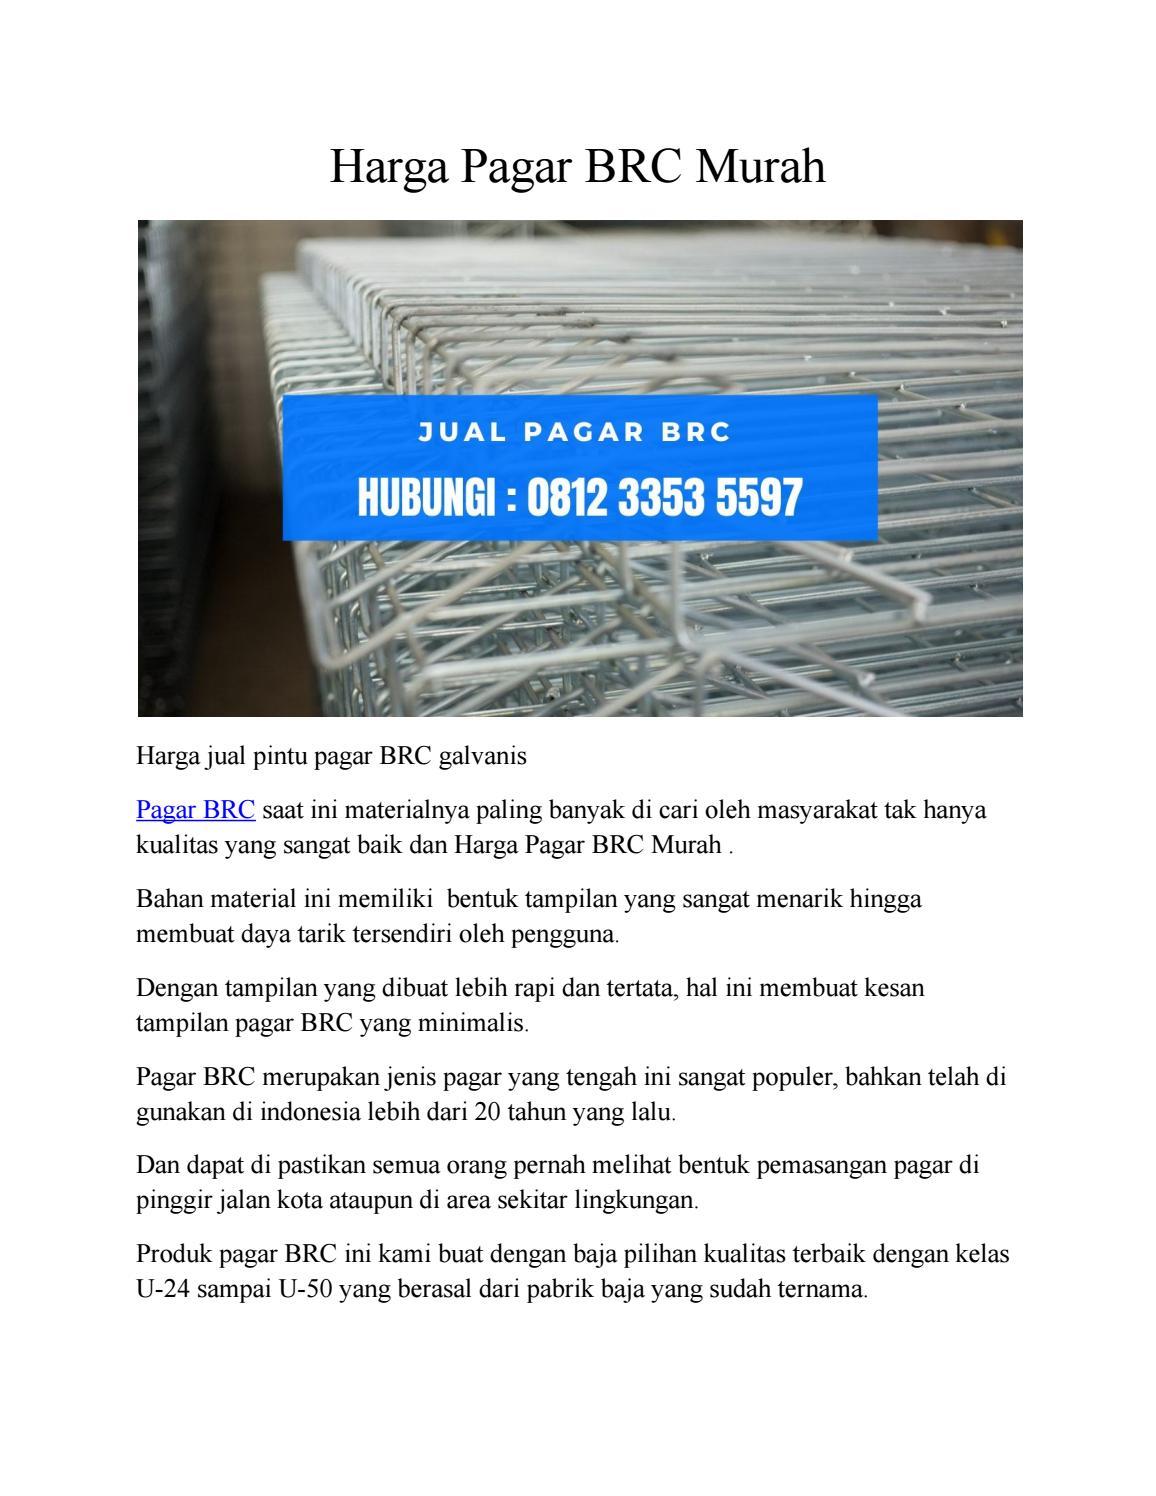 Harga Pagar Brc Murah Lumajang Hp 0812 3353 5597 By Pagarbrcsde